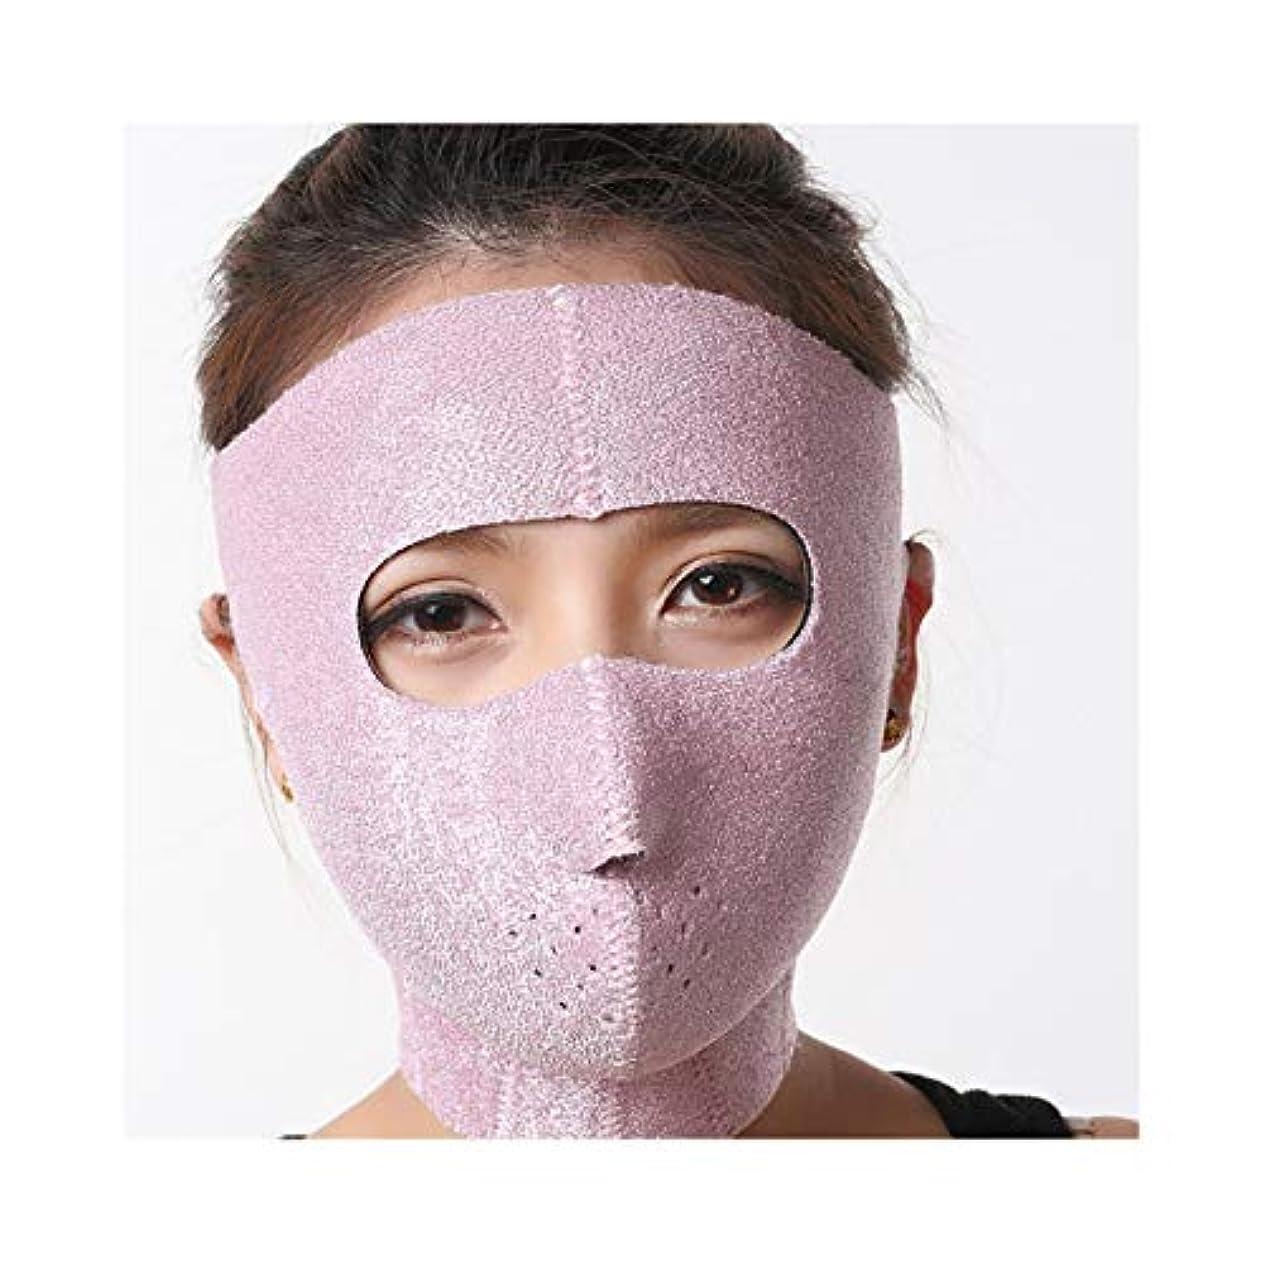 ペレット合体めったにGLJJQMY スリムベルトマスク薄い顔マスク睡眠薄い顔マスク薄い顔包帯薄い顔アーティファクト薄い顔薄い顔薄い顔小さいV顔睡眠薄い顔ベルト 顔用整形マスク